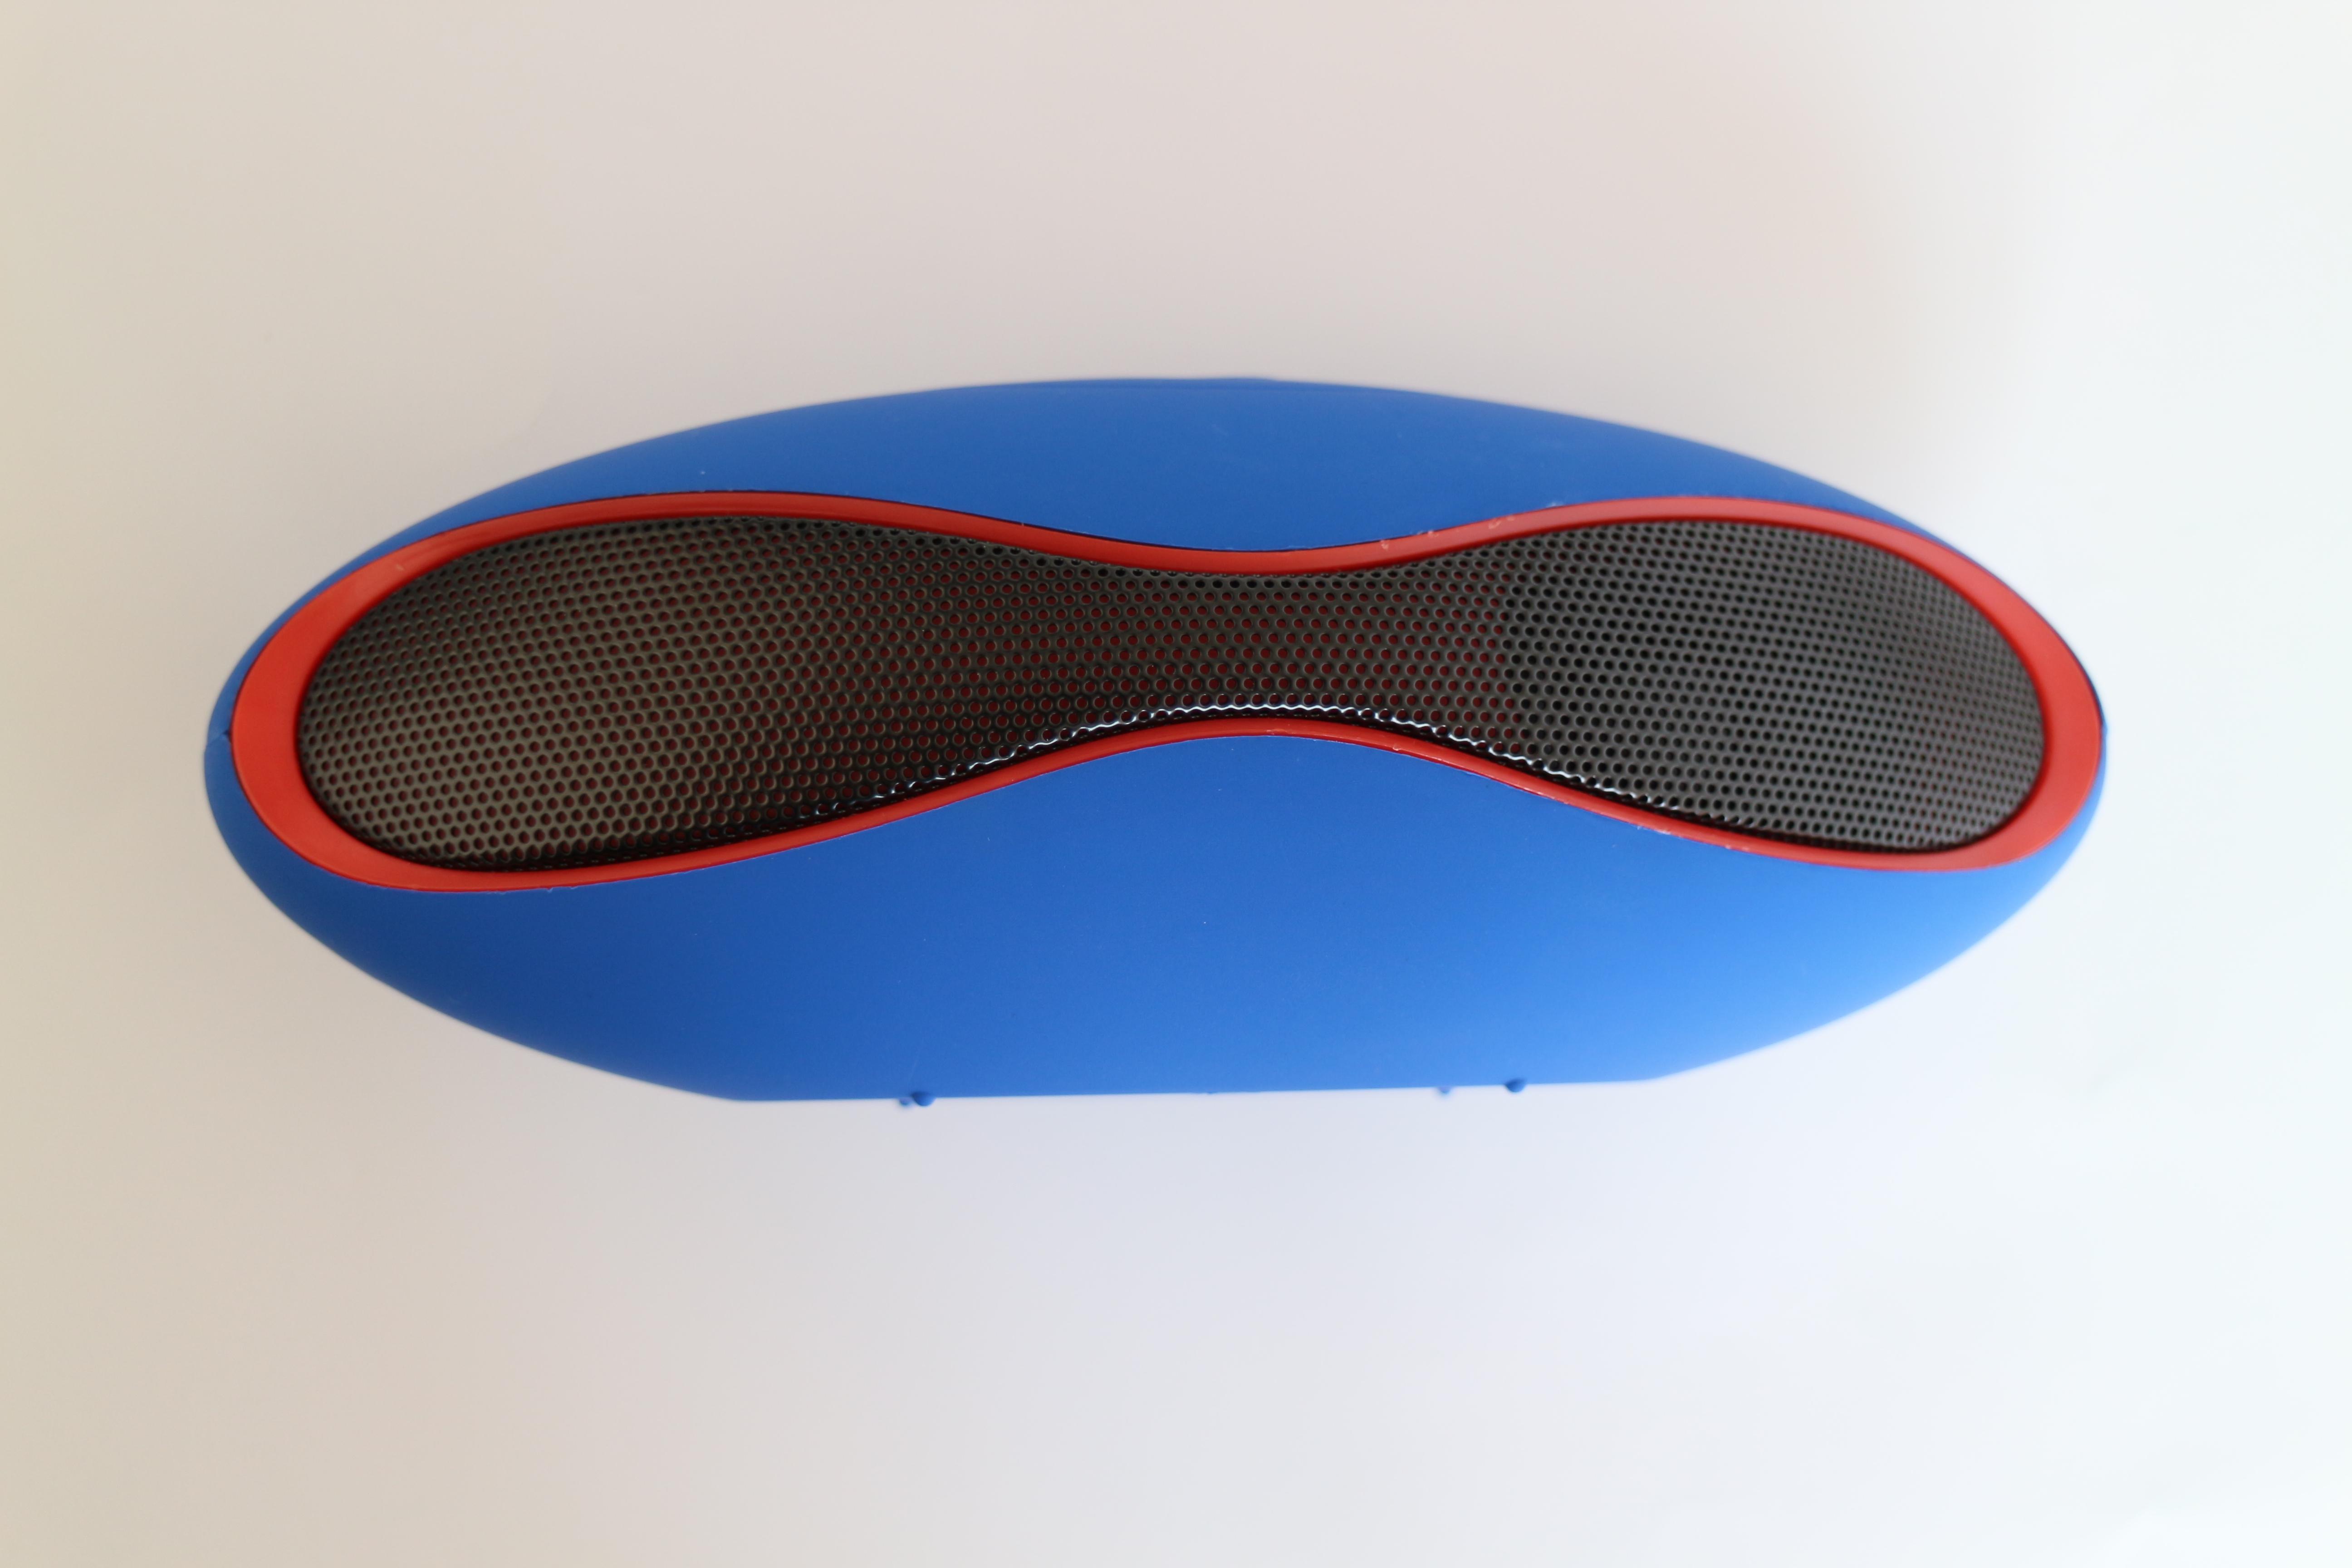 Портативный динамик Bluetooth, мини-беспроводные динамики с богатым басом и громким HD звуком